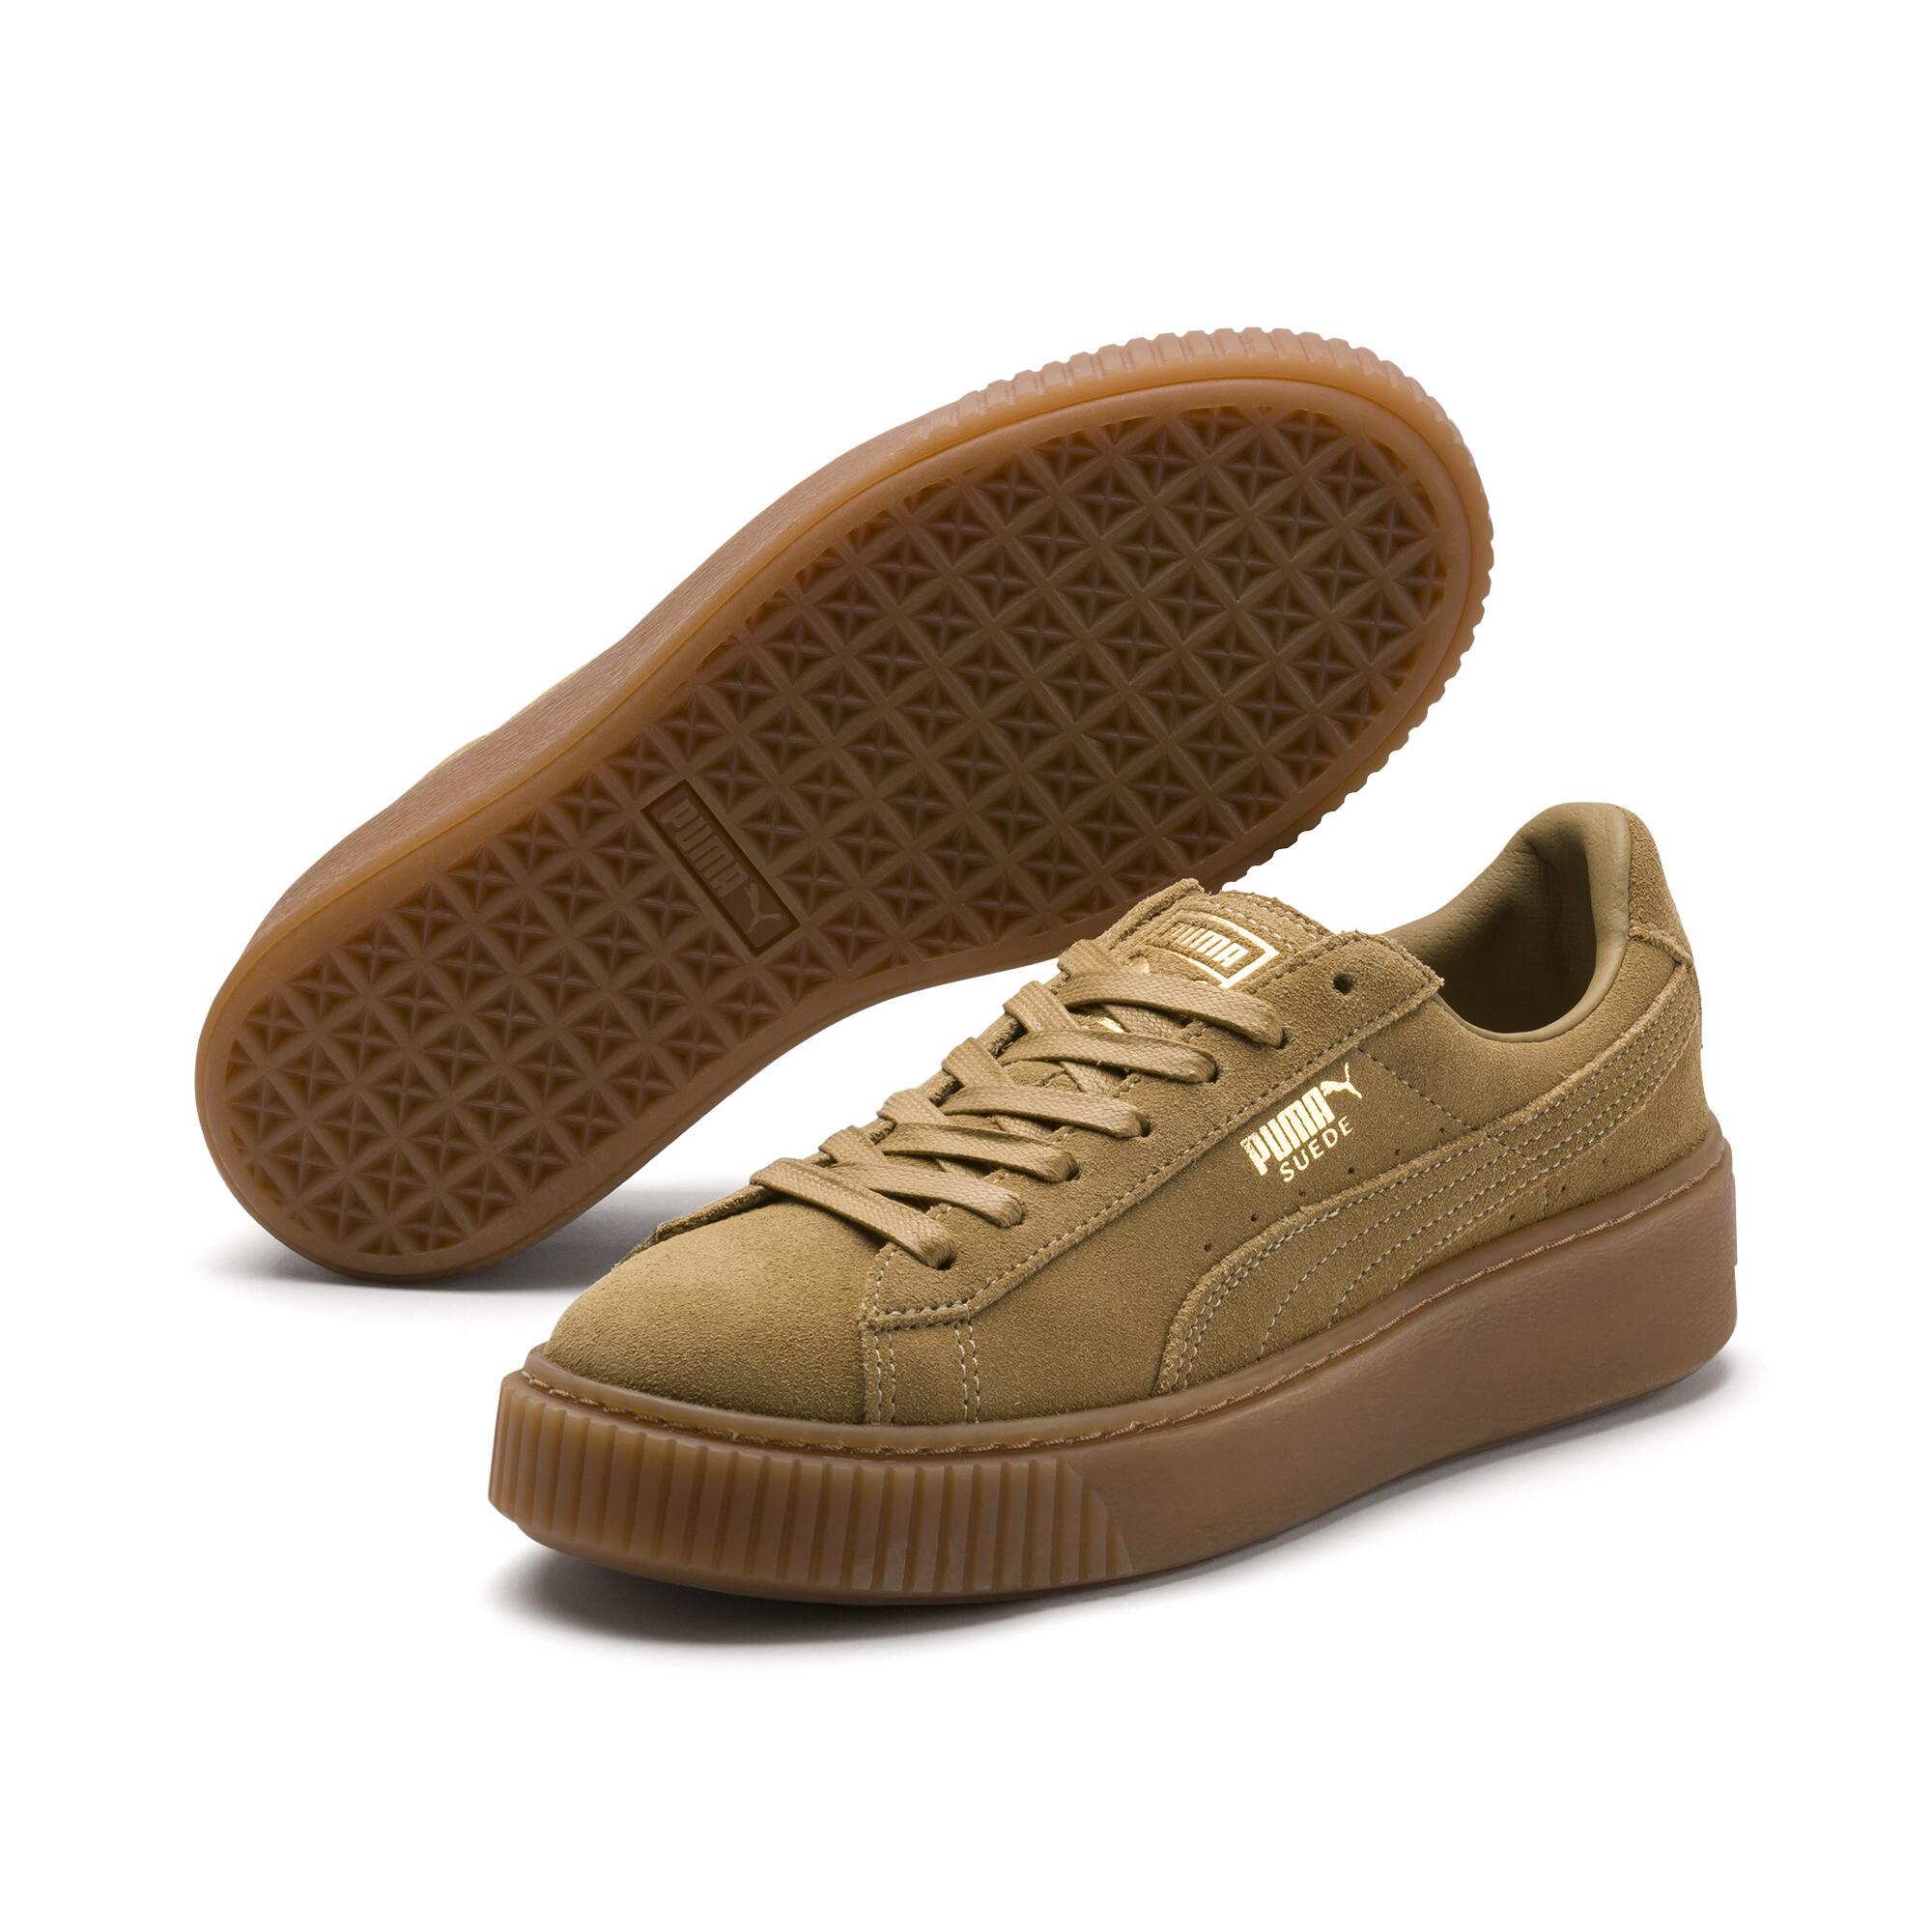 Details zu PUMA Suede Platform Damen Sneaker Frauen Schuhe Sport Classics Neu